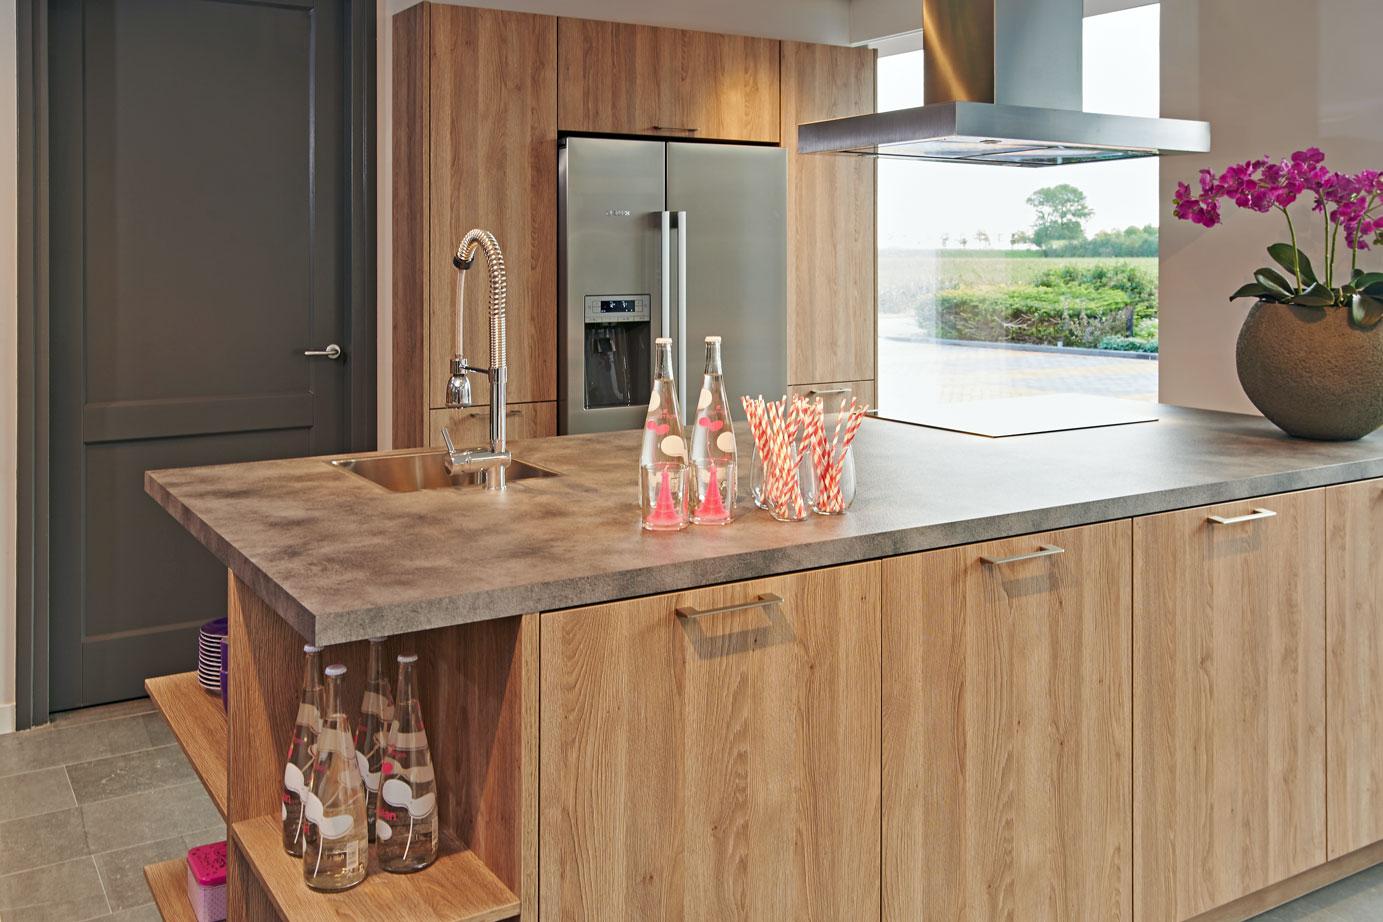 Keuken Met Amerikaanse Koelkast : voor heeft, is een Amerikaanse koelkast dus een geweldige optie